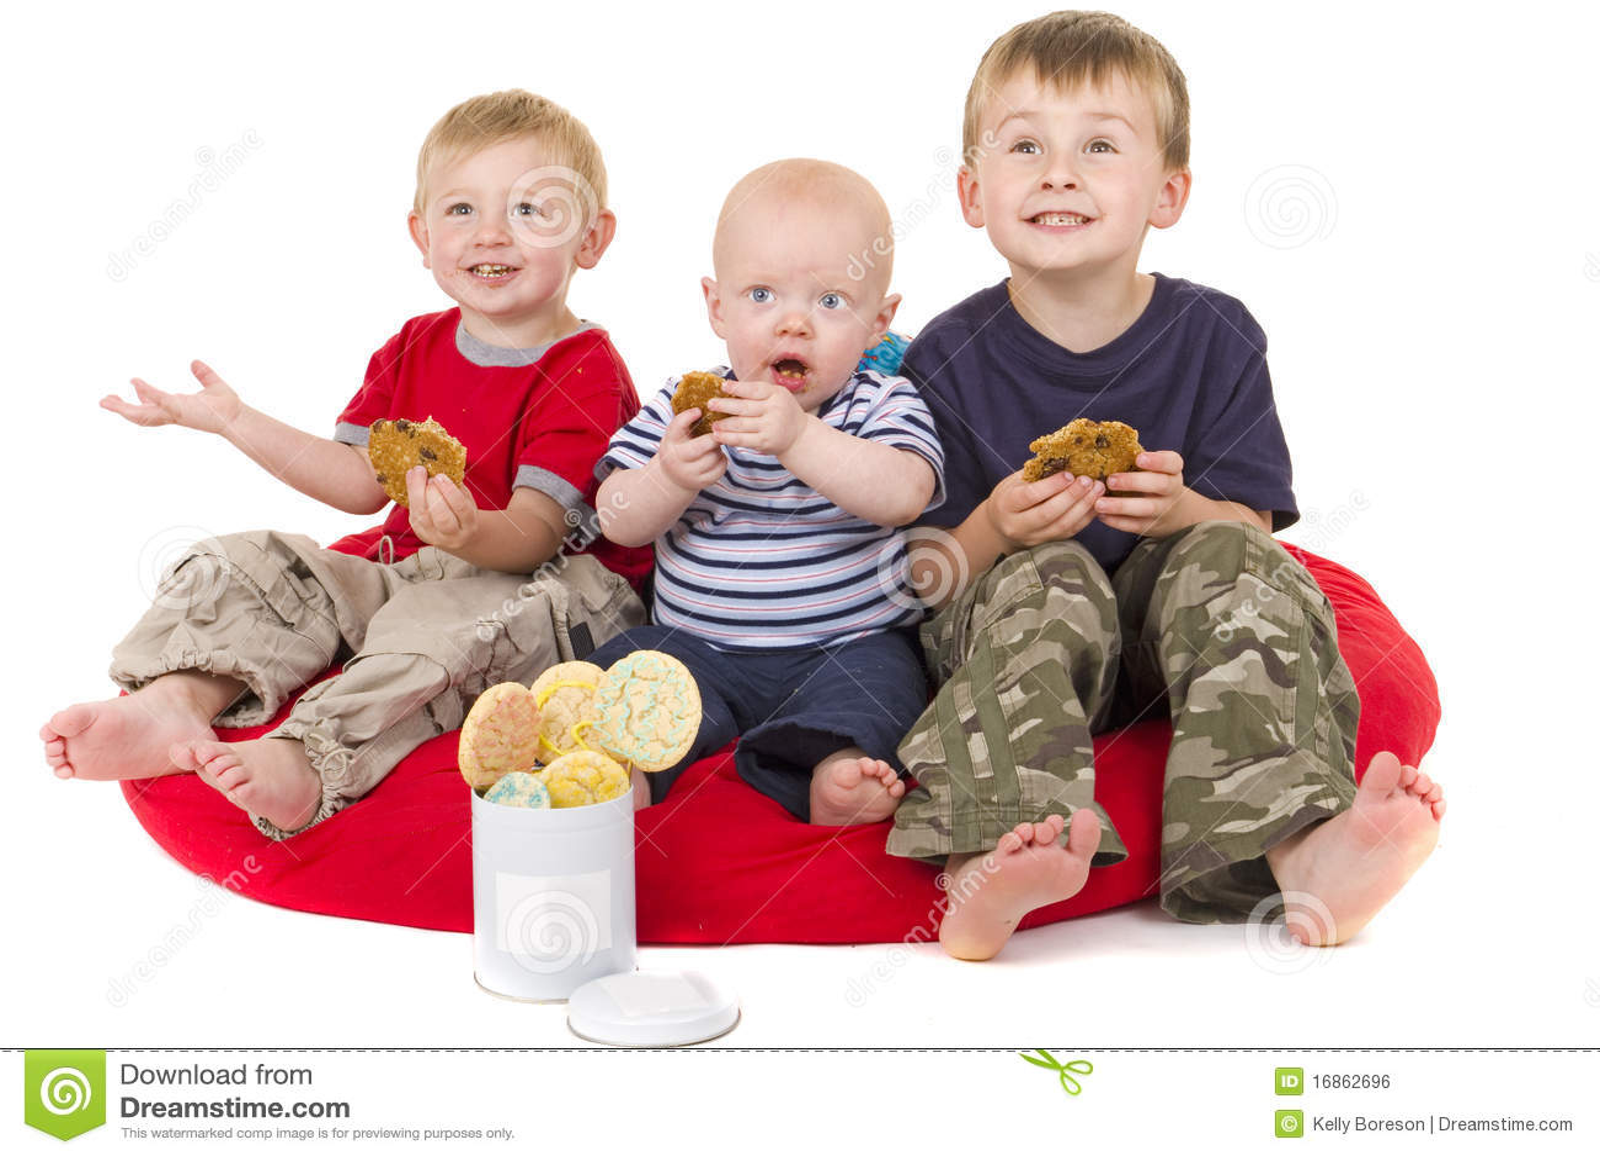 Drei kleine Jungen genießt, Plätzchen zu essen